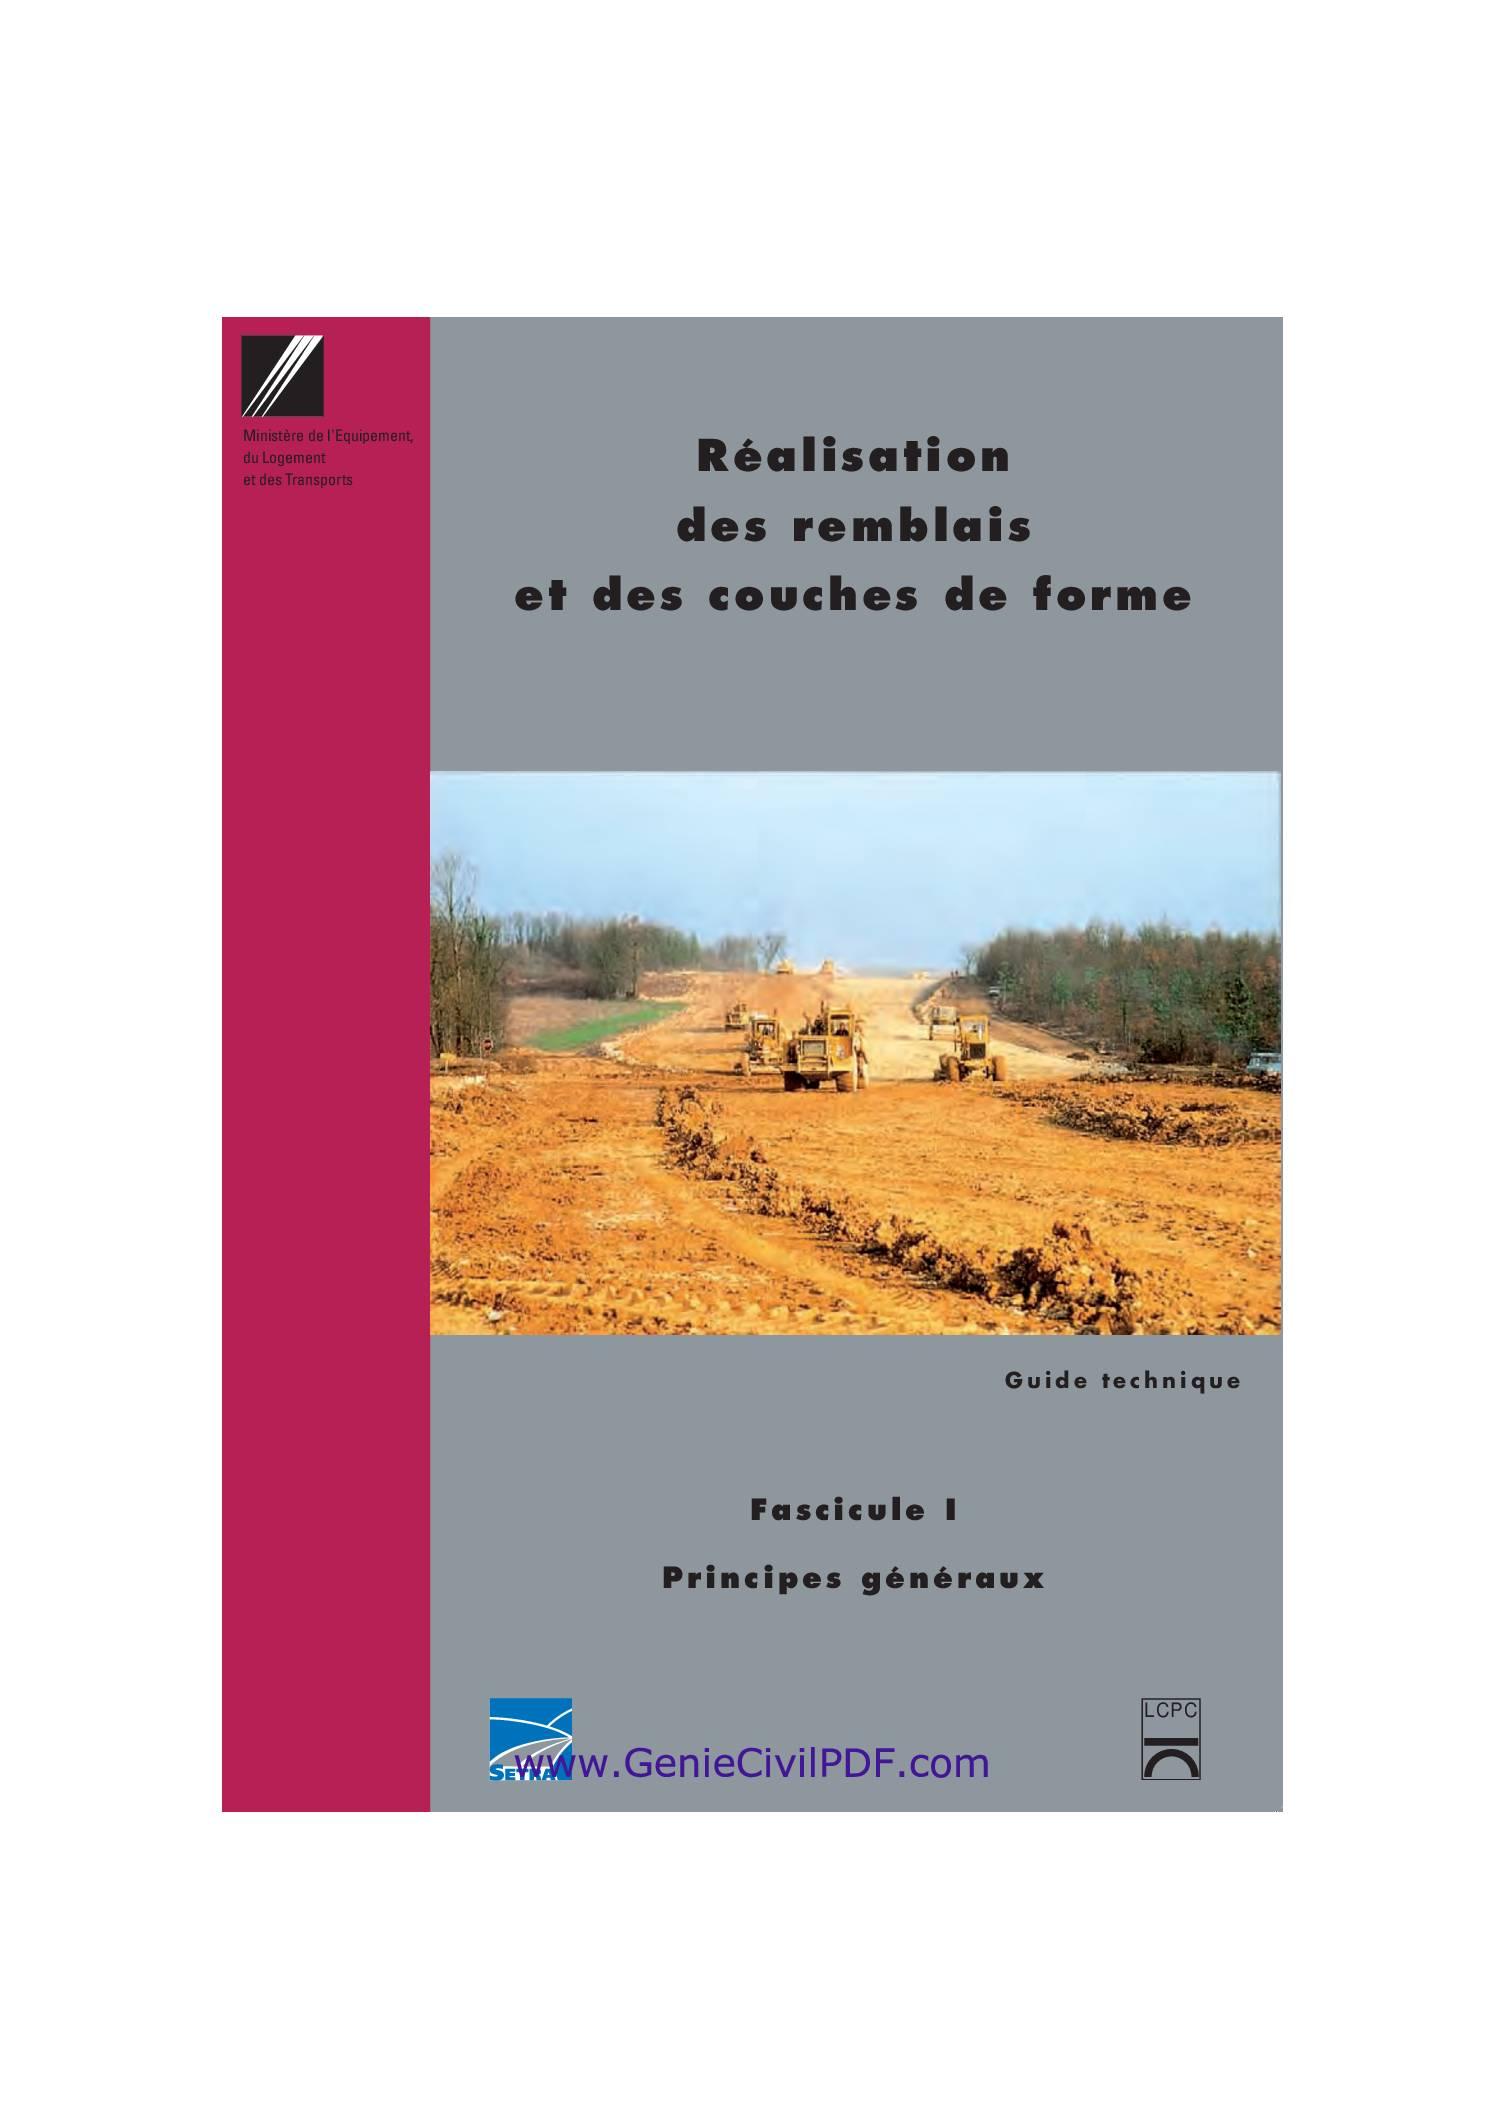 Guide de terrassement routier GTR Fascicule 1 et 2